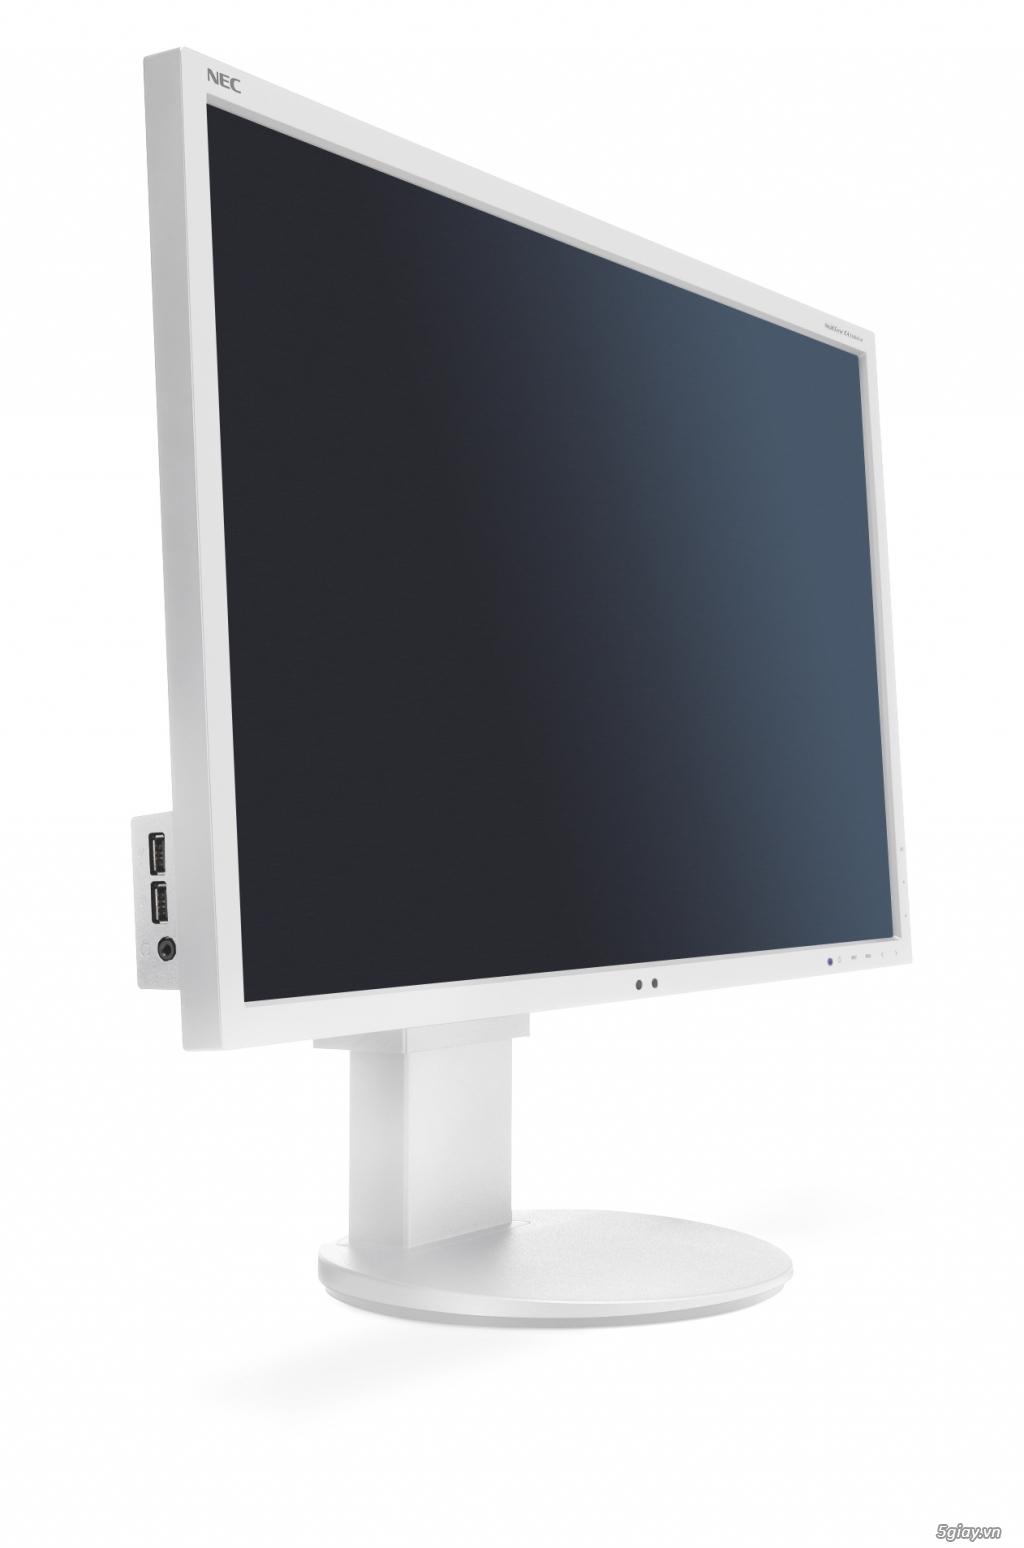 Dell Precison-HP Wokstation Chuyên Render-Đồ Họa-Dựng Phim - 6